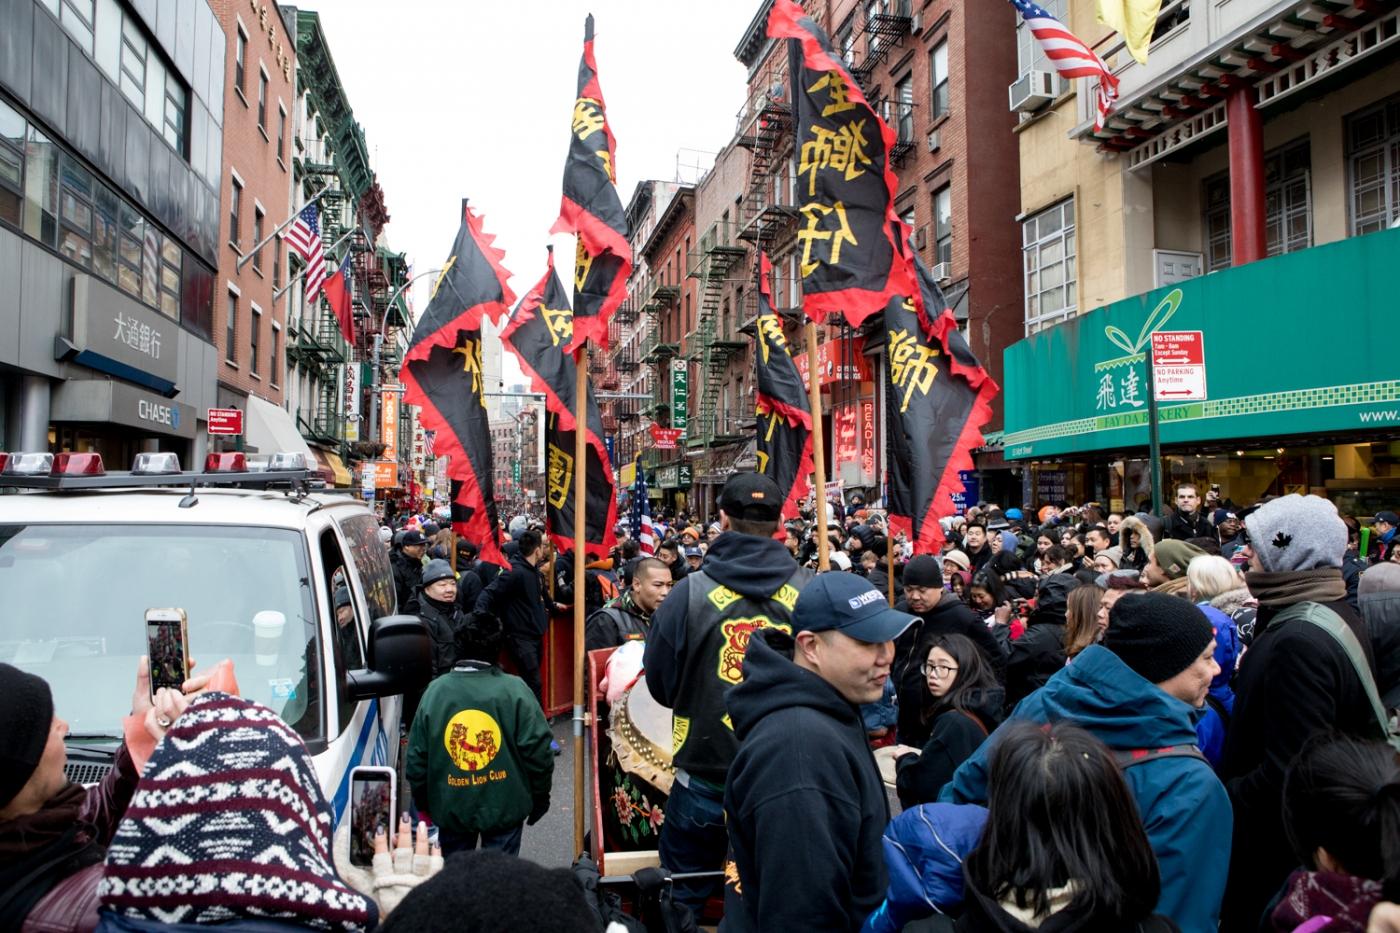 美國春節好熱鬧    ----紐約曼哈頓唐人街大年初一 20170128_图1-13